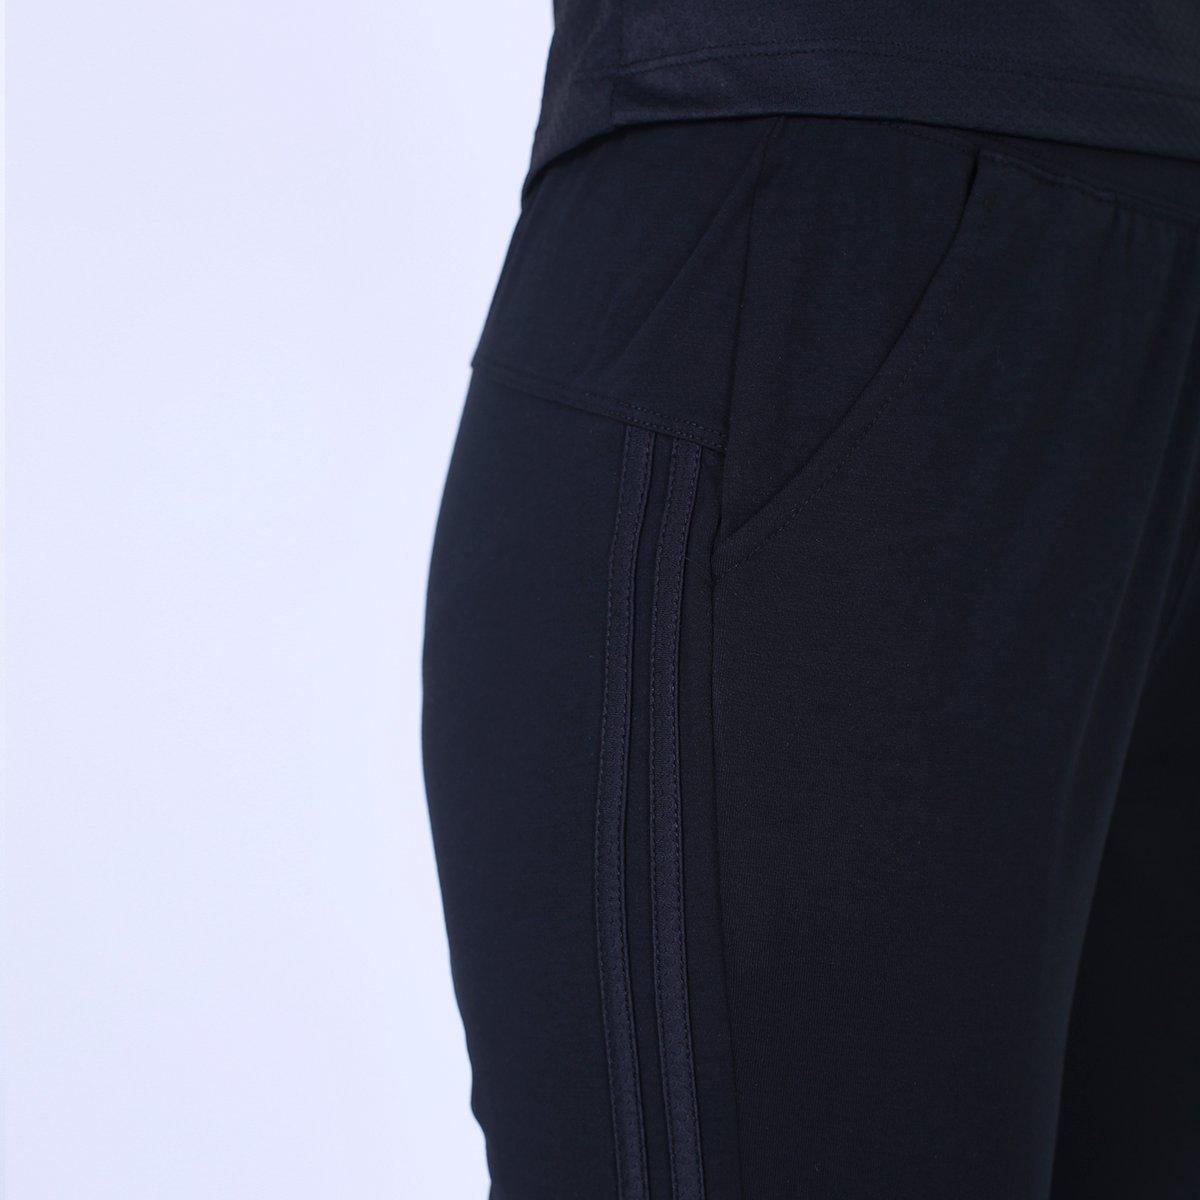 Bộ dài tay ngắn cao cấp paltal bdtn 493p 3075